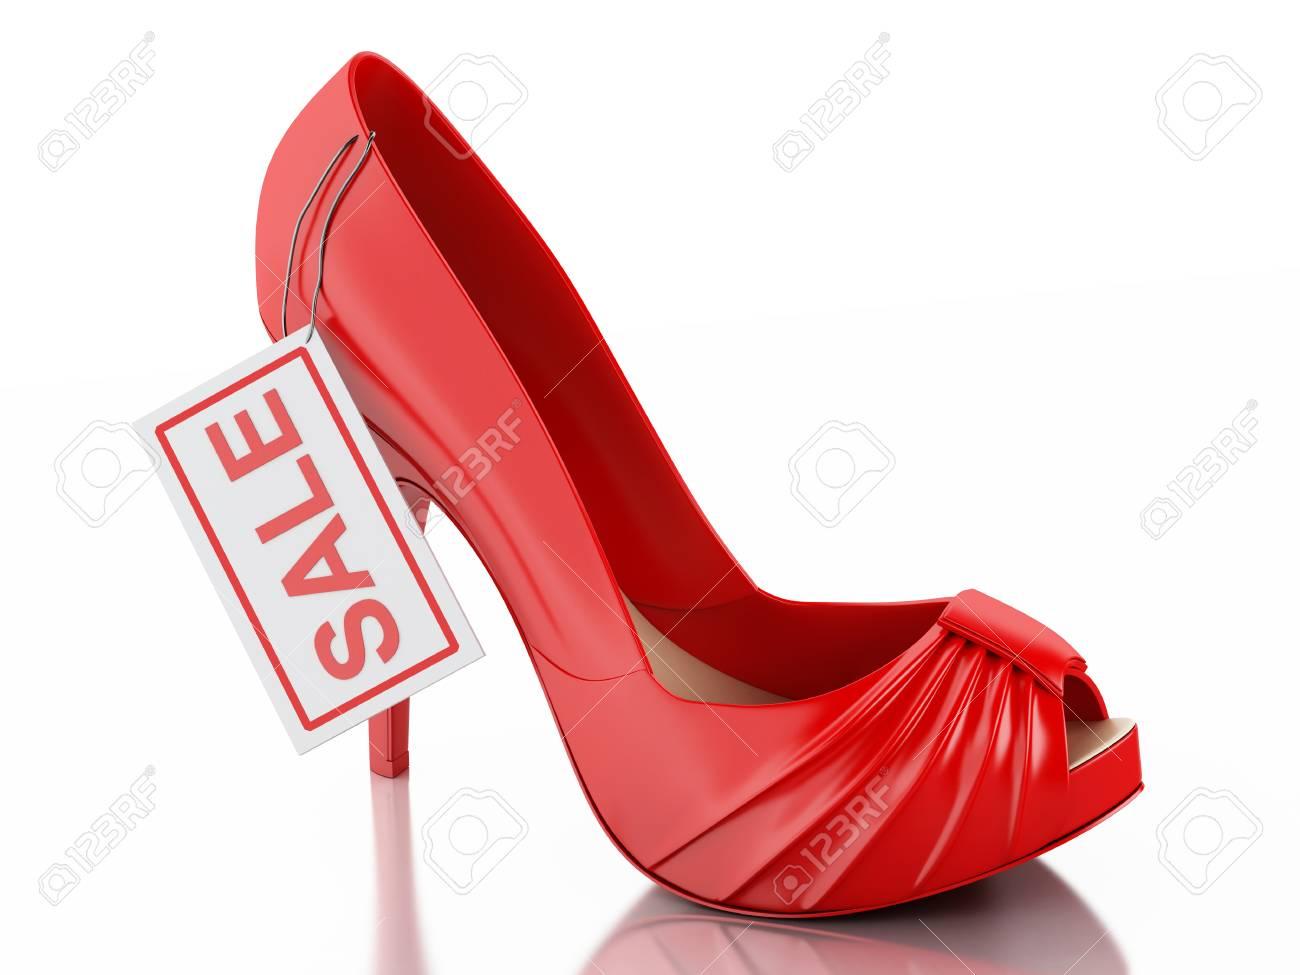 3D illustratie. Dames hoge hak schoenen. Verkoop concept. Geïsoleerde witte achtergrond